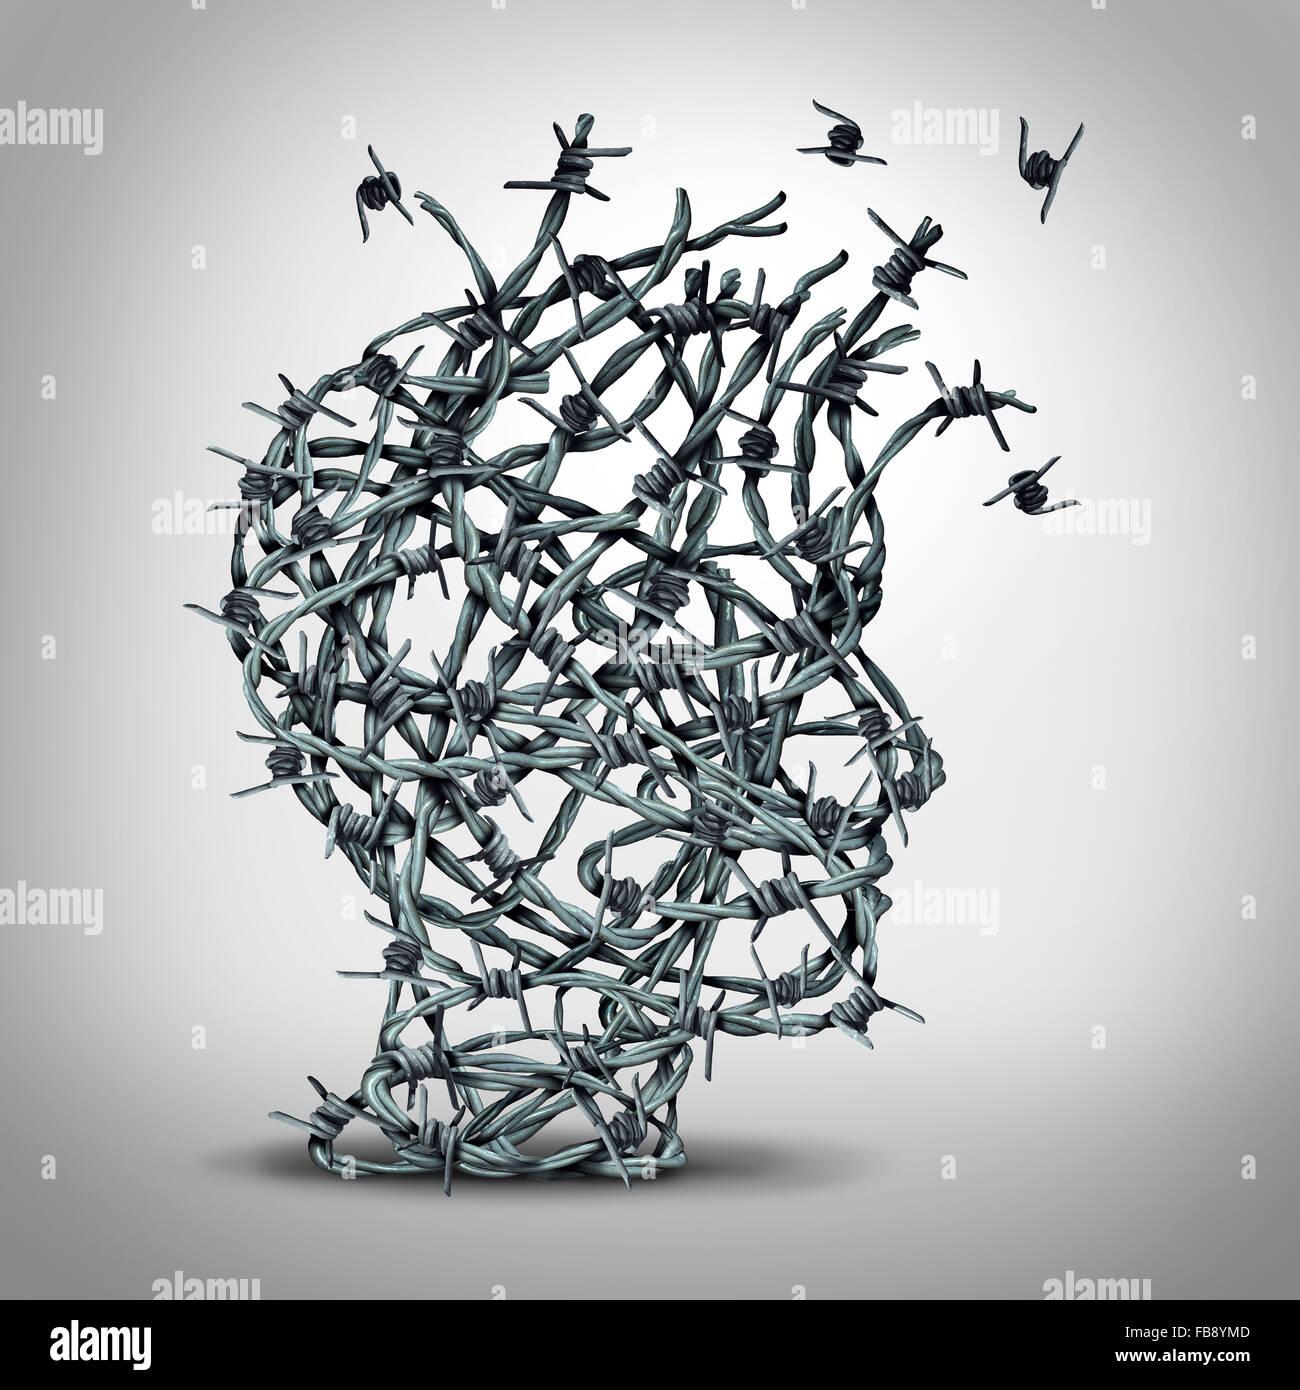 Angst-Lösung und Freiheit von Angst und Flucht aus gefoltert denken und Depressionen Konzept als eine Gruppe Stockbild